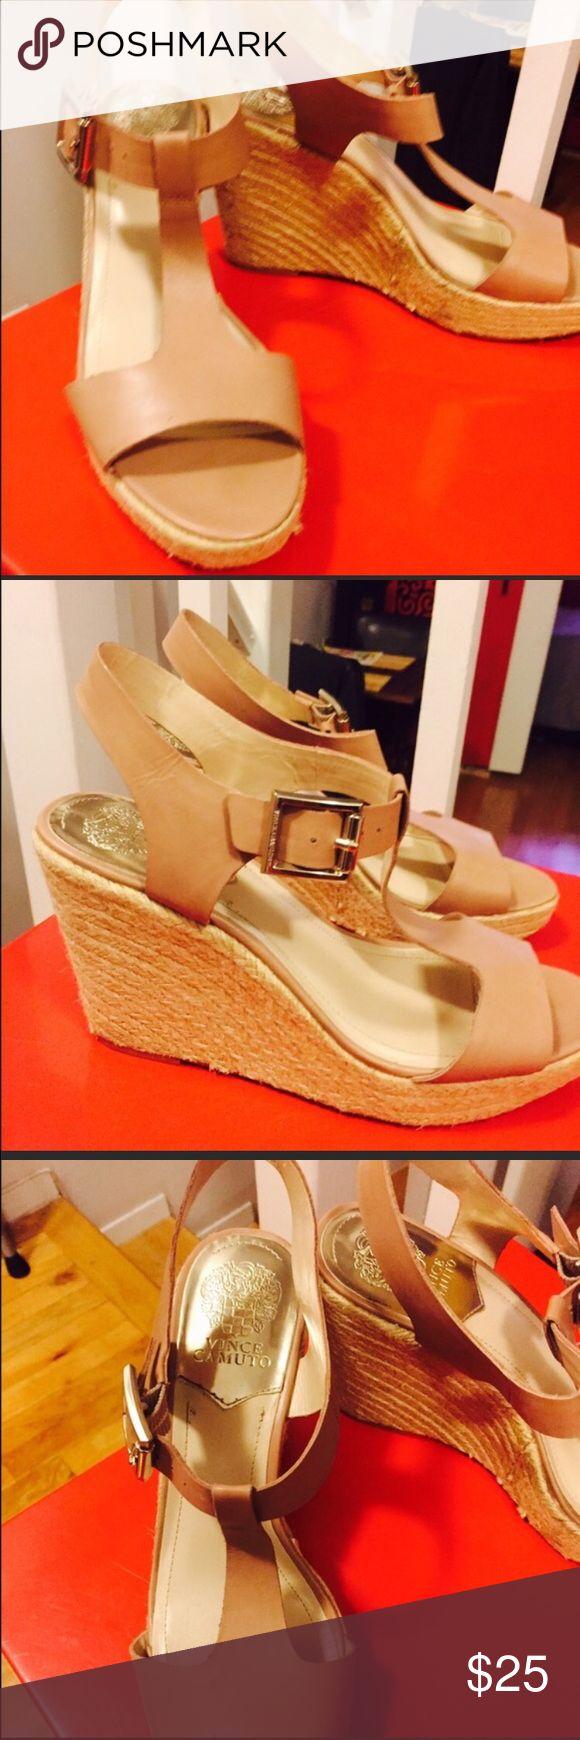 Nude Espadrille Sandel Vince Camuto beige or nude sandal Vince Camuto Shoes Espadrilles